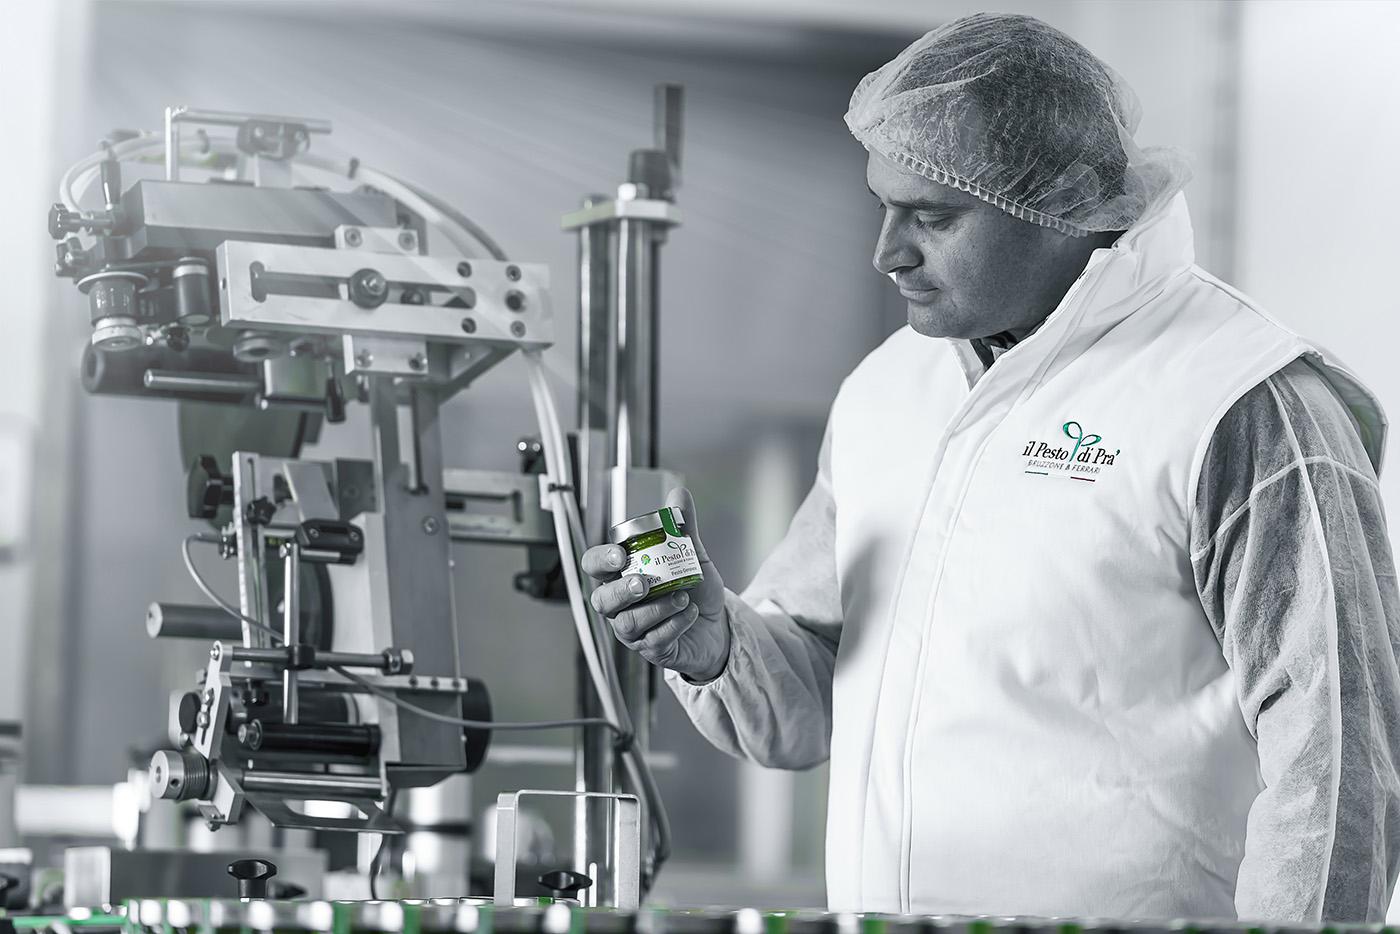 Fotografia Aziendale - Servizio fotografico produzione - Il Pesto di Prà | OIS Web Agency